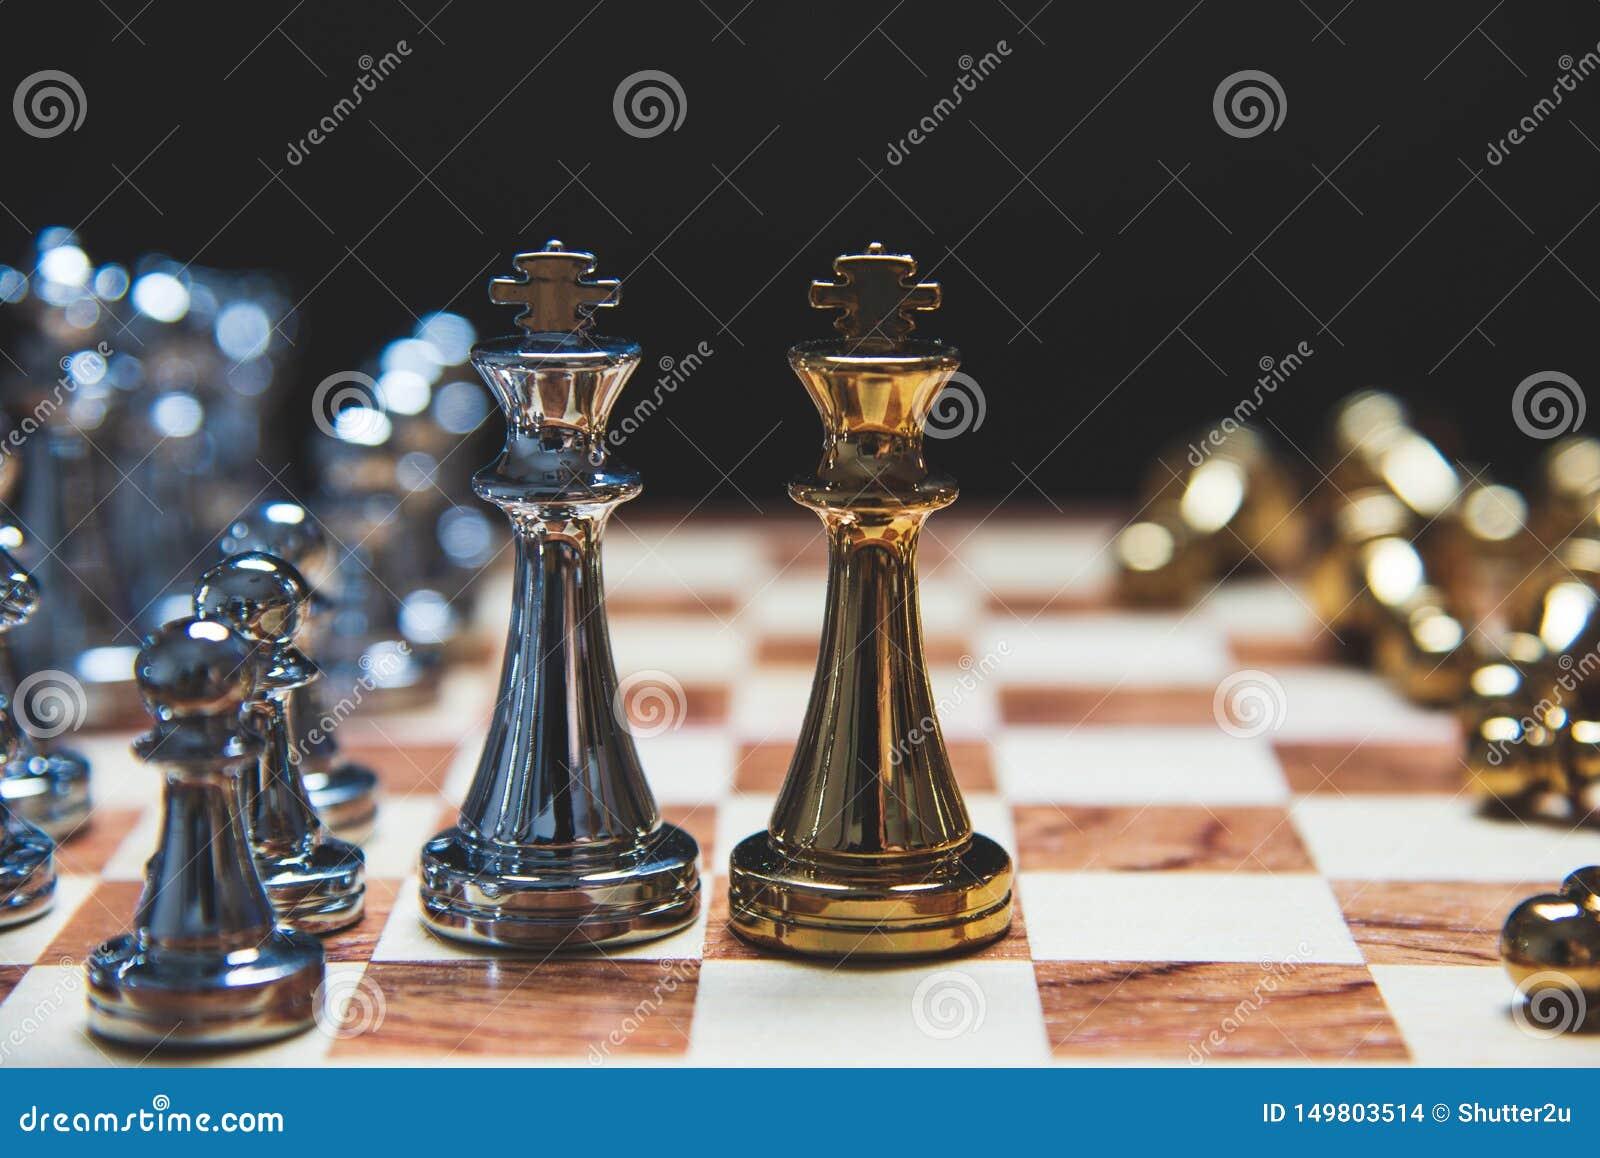 Στρατηγική της ηγεσίας ως βασιλιά που αντιμετωπίζει ο ένας τον άλλον στον ξύλινο πίνακα σκακιού στη θέση ματ Επιχειρησιακό μάρκετ